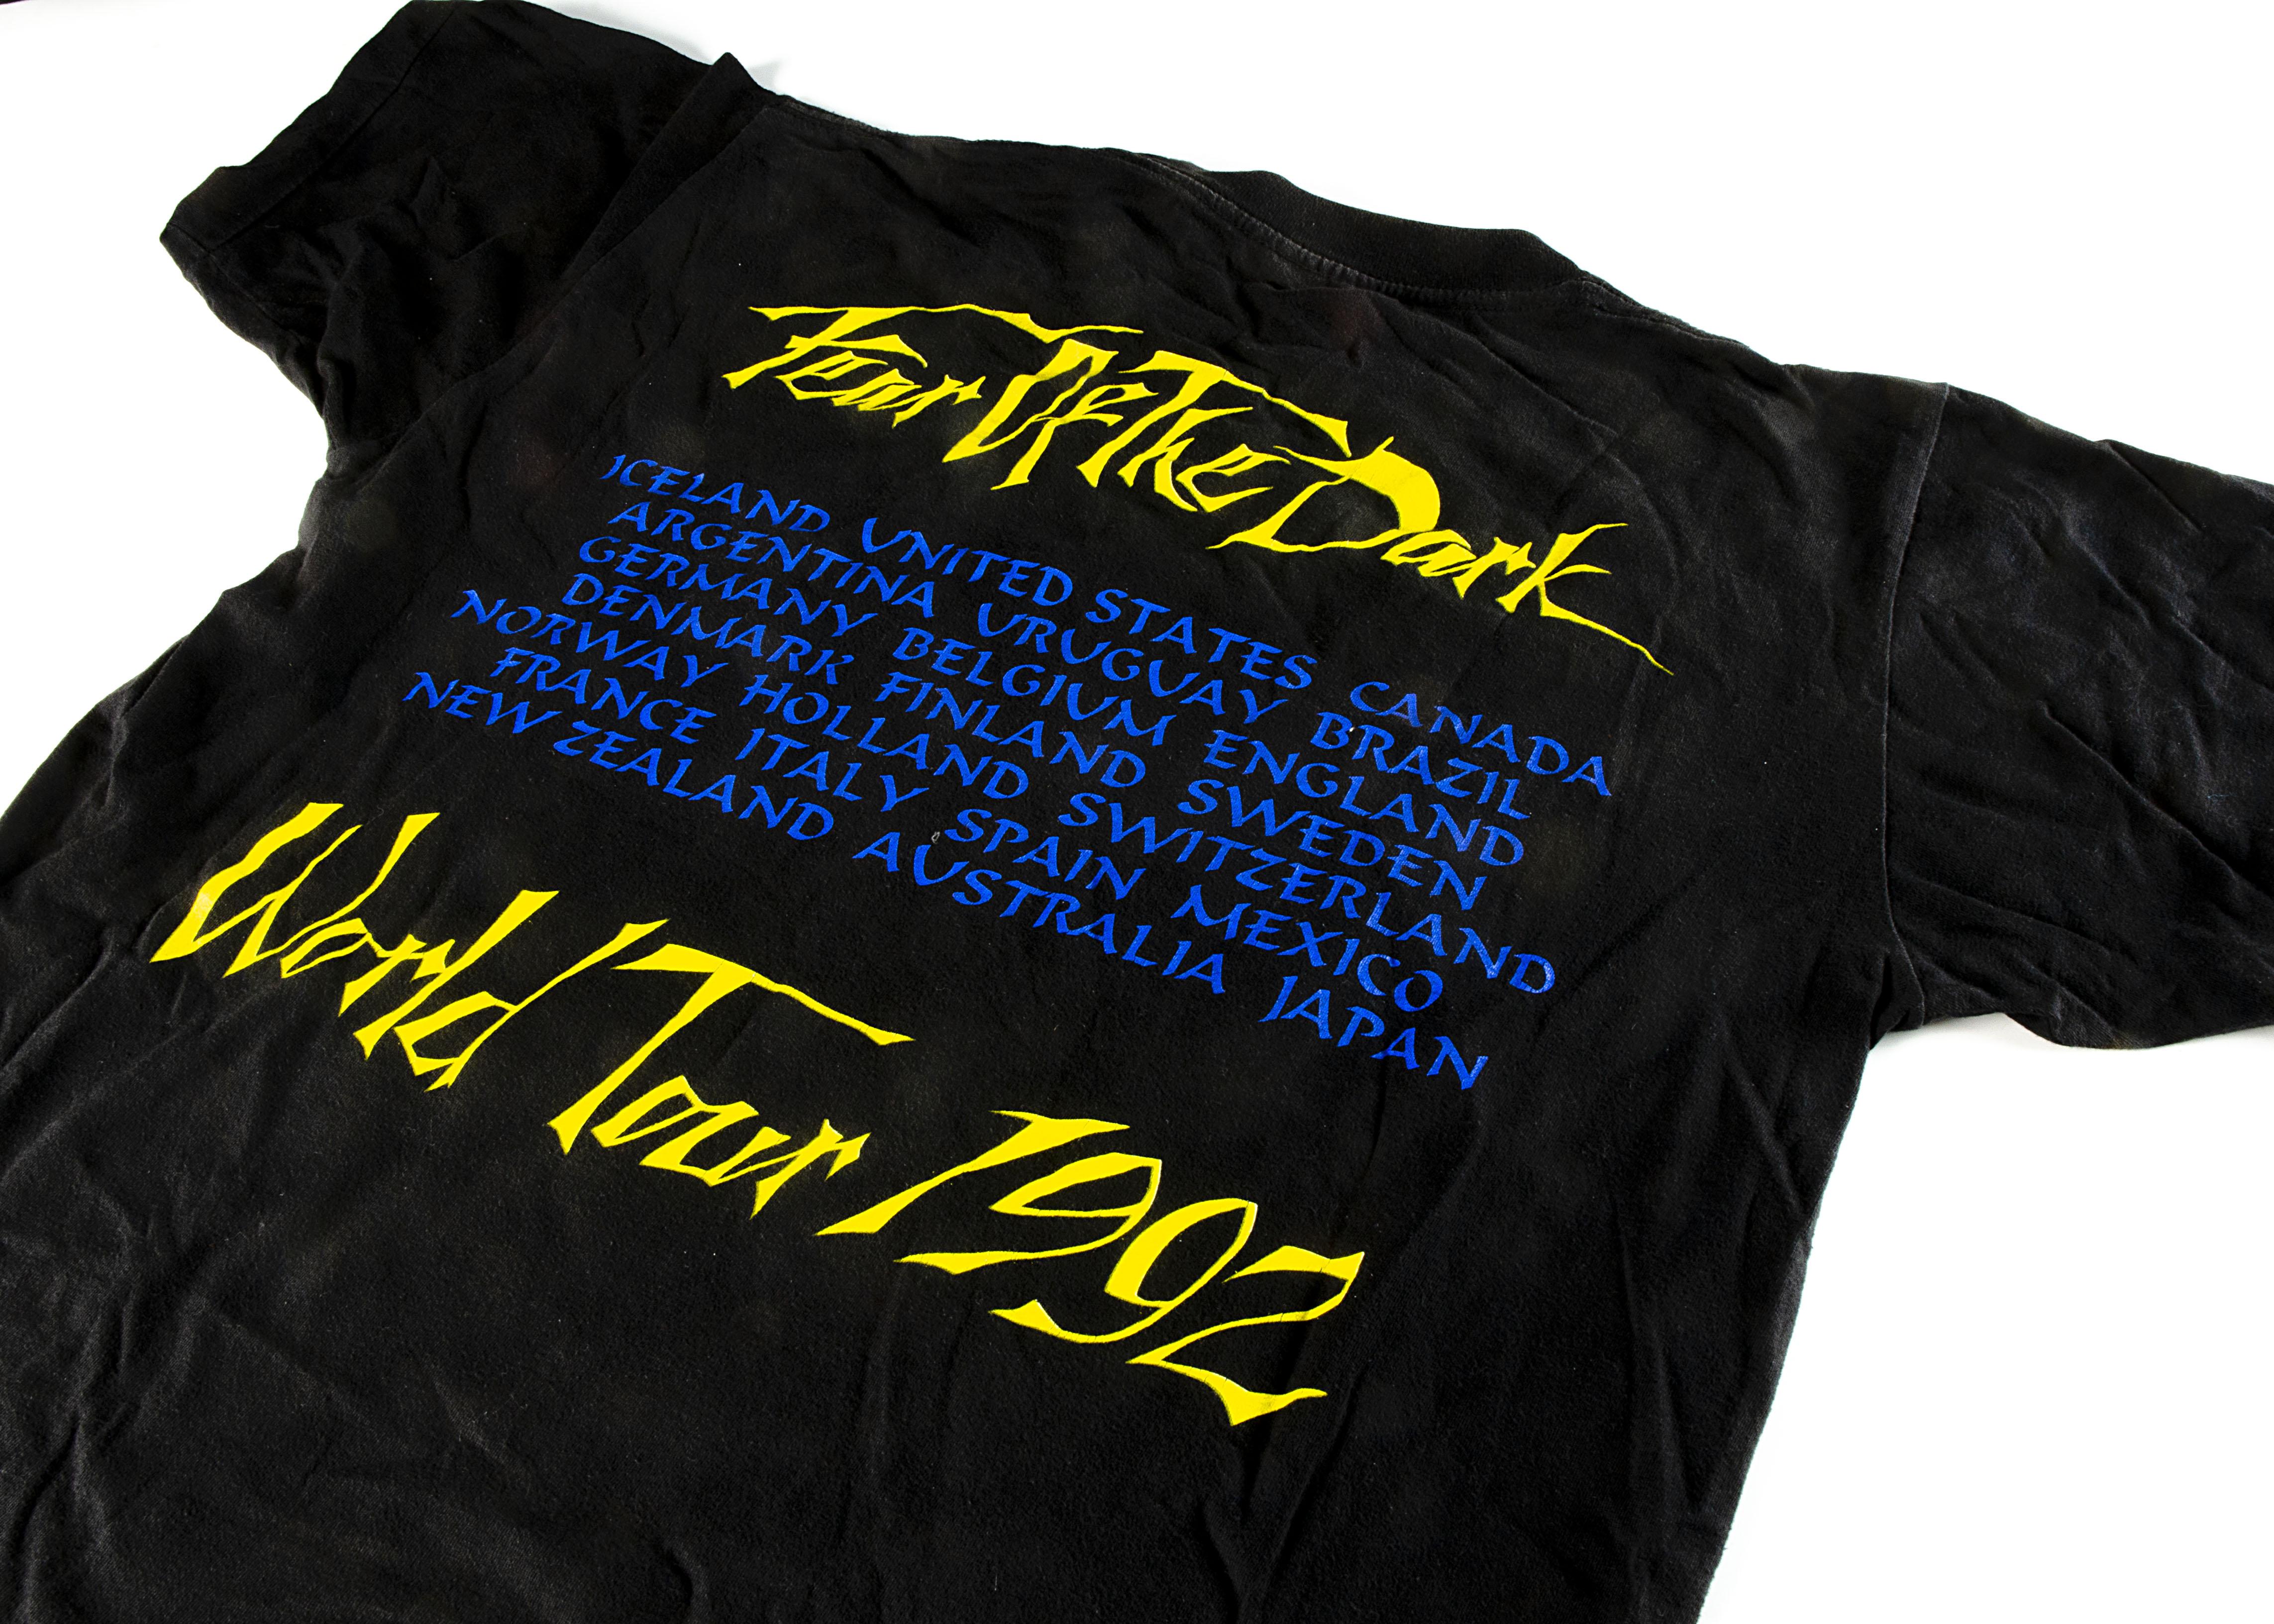 Iron Maiden 'Fear of the Dark' 'T' Shirt, Iron Maiden 'T' shirt - Fear of the Dark World Tour - Image 2 of 2